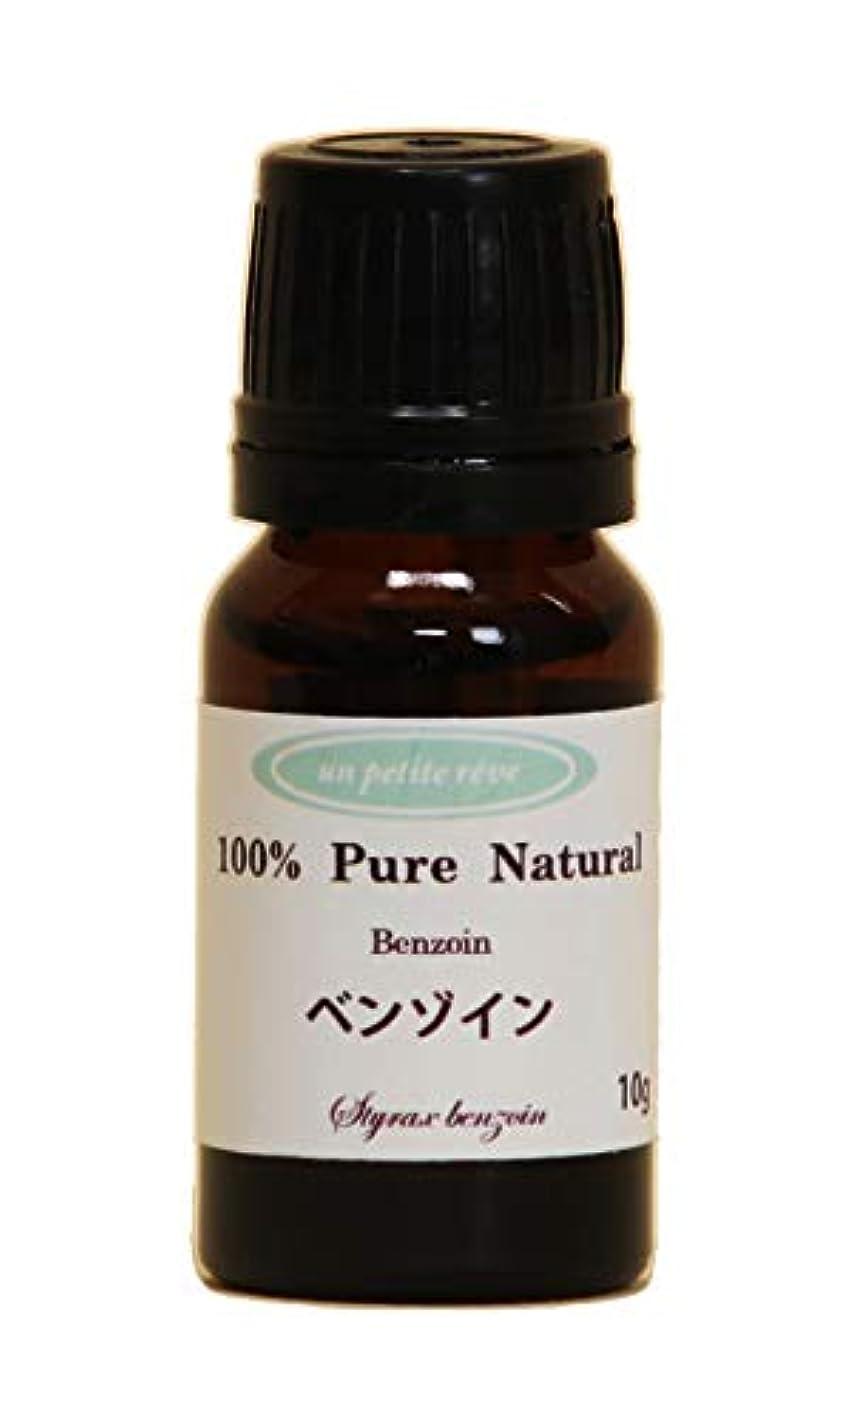 ランチじゃないスペシャリストベンゾイン(ウッドマドラー付き) 10g 100%天然アロマエッセンシャルオイル(精油)